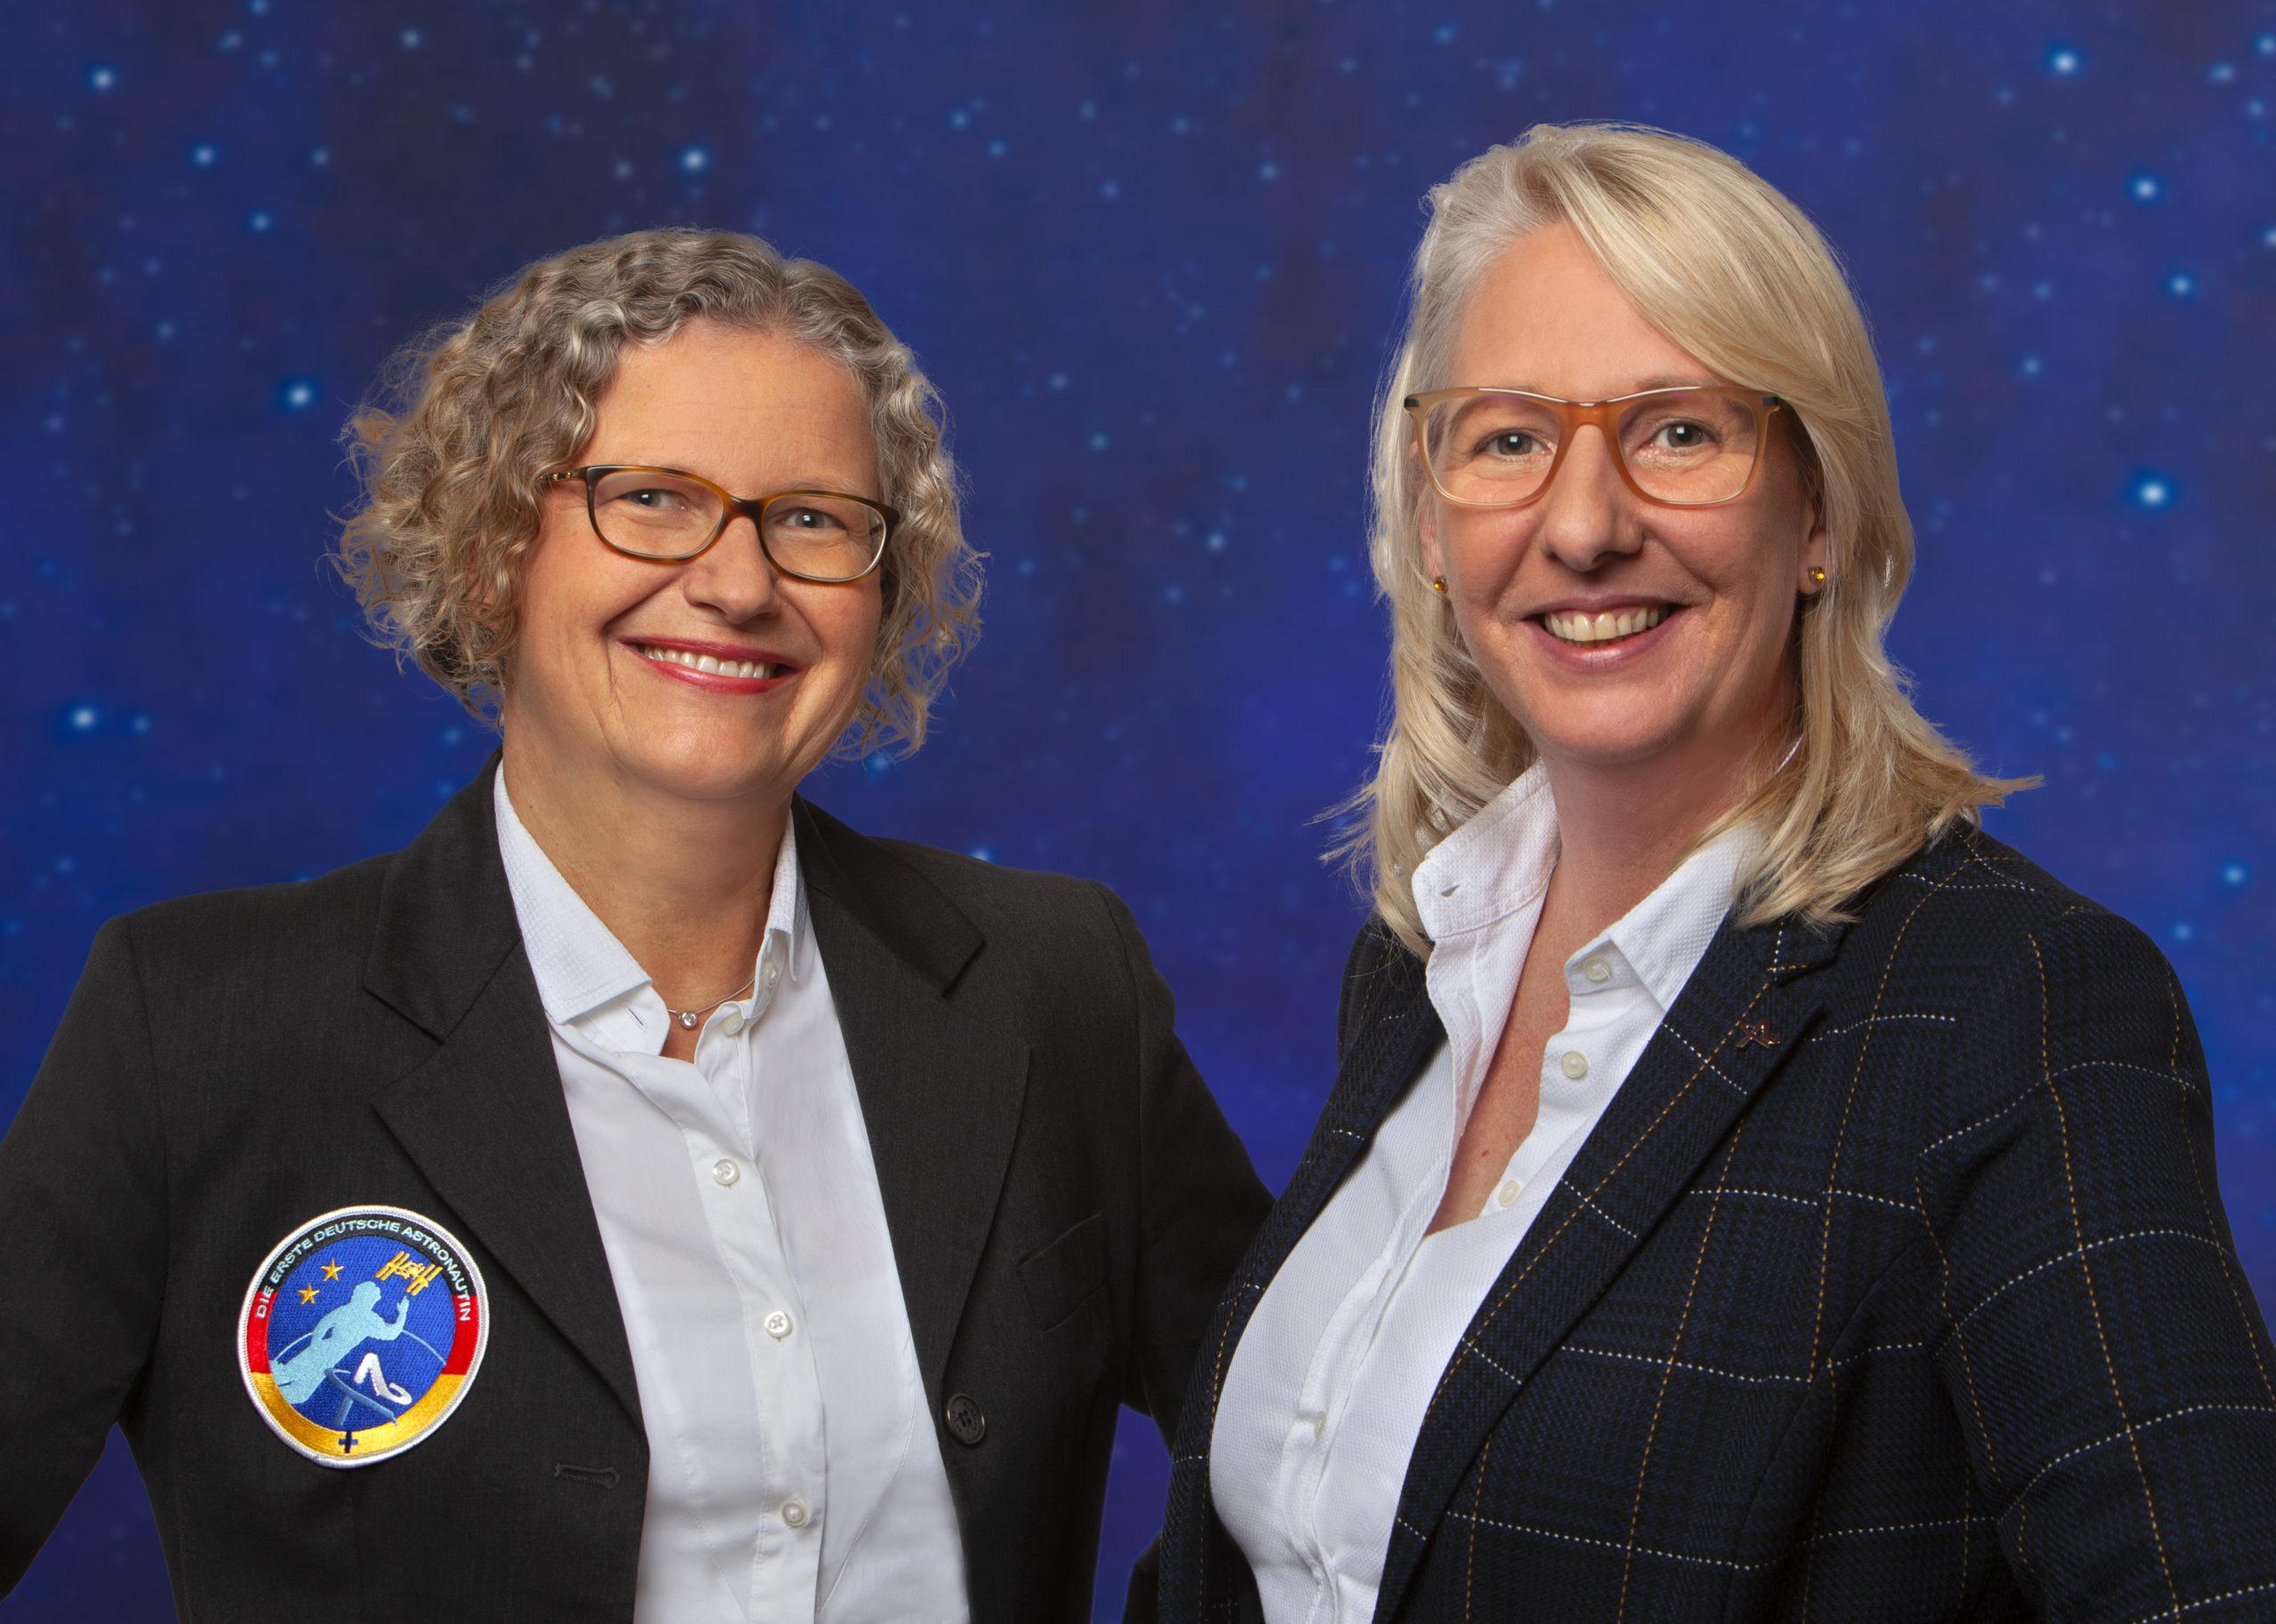 C.Kessler und I.Helmke